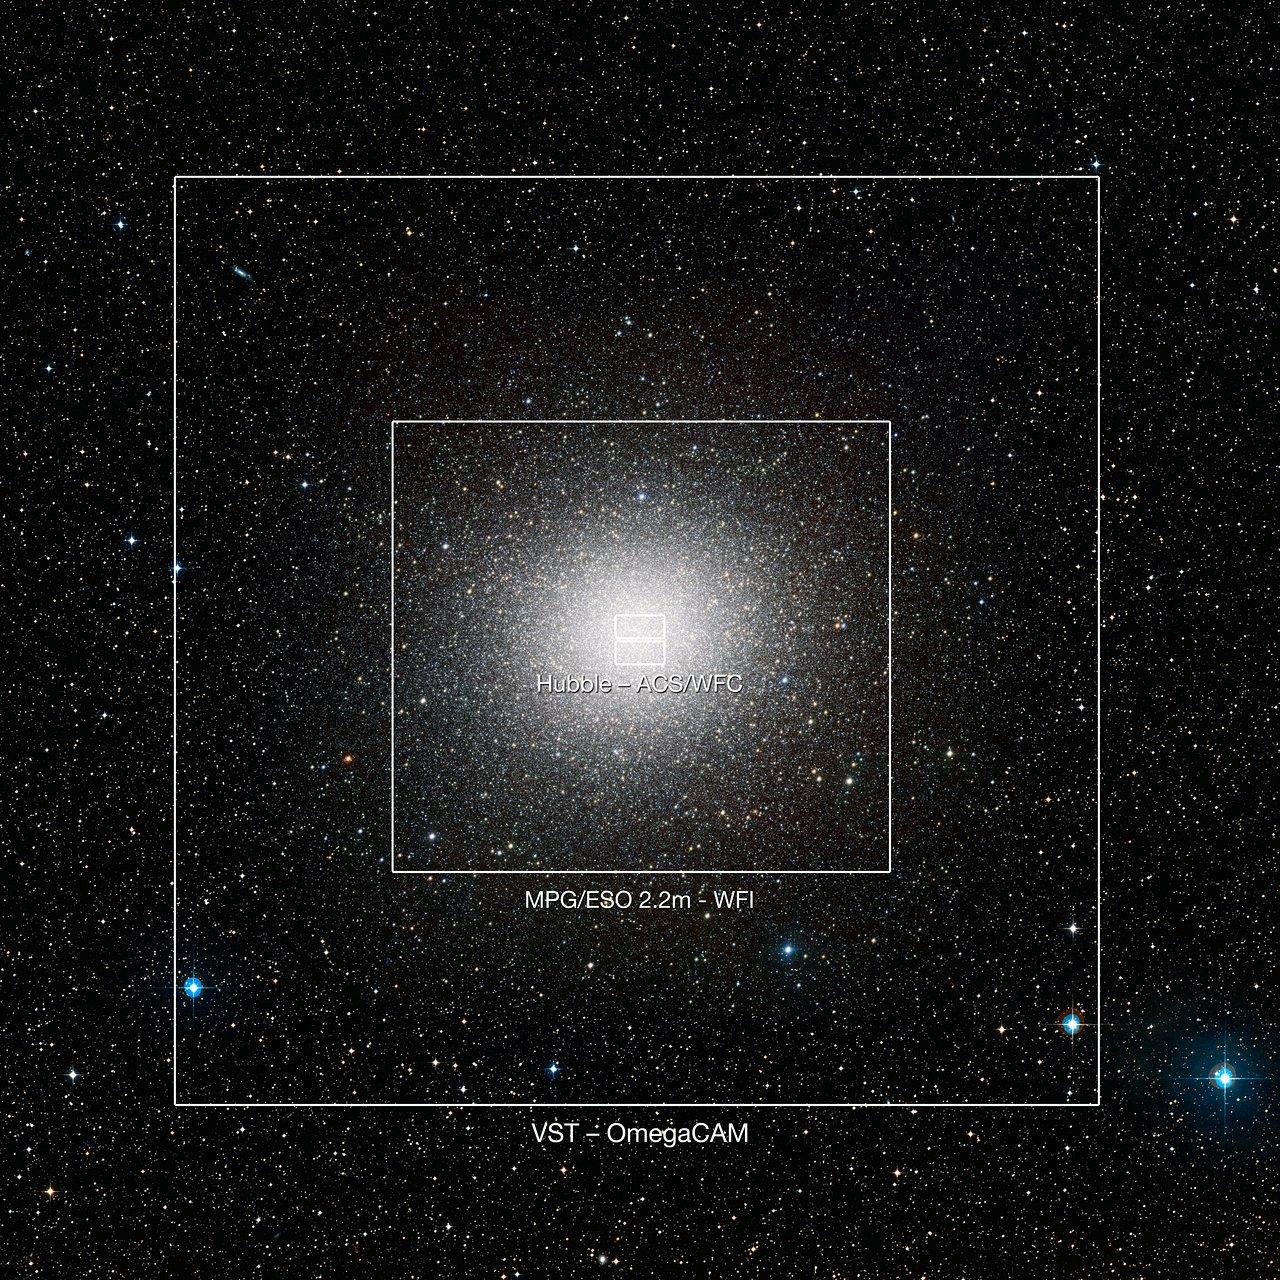 Comparación entre el campo de visión de VST/OmegaCAM y otros telescopios